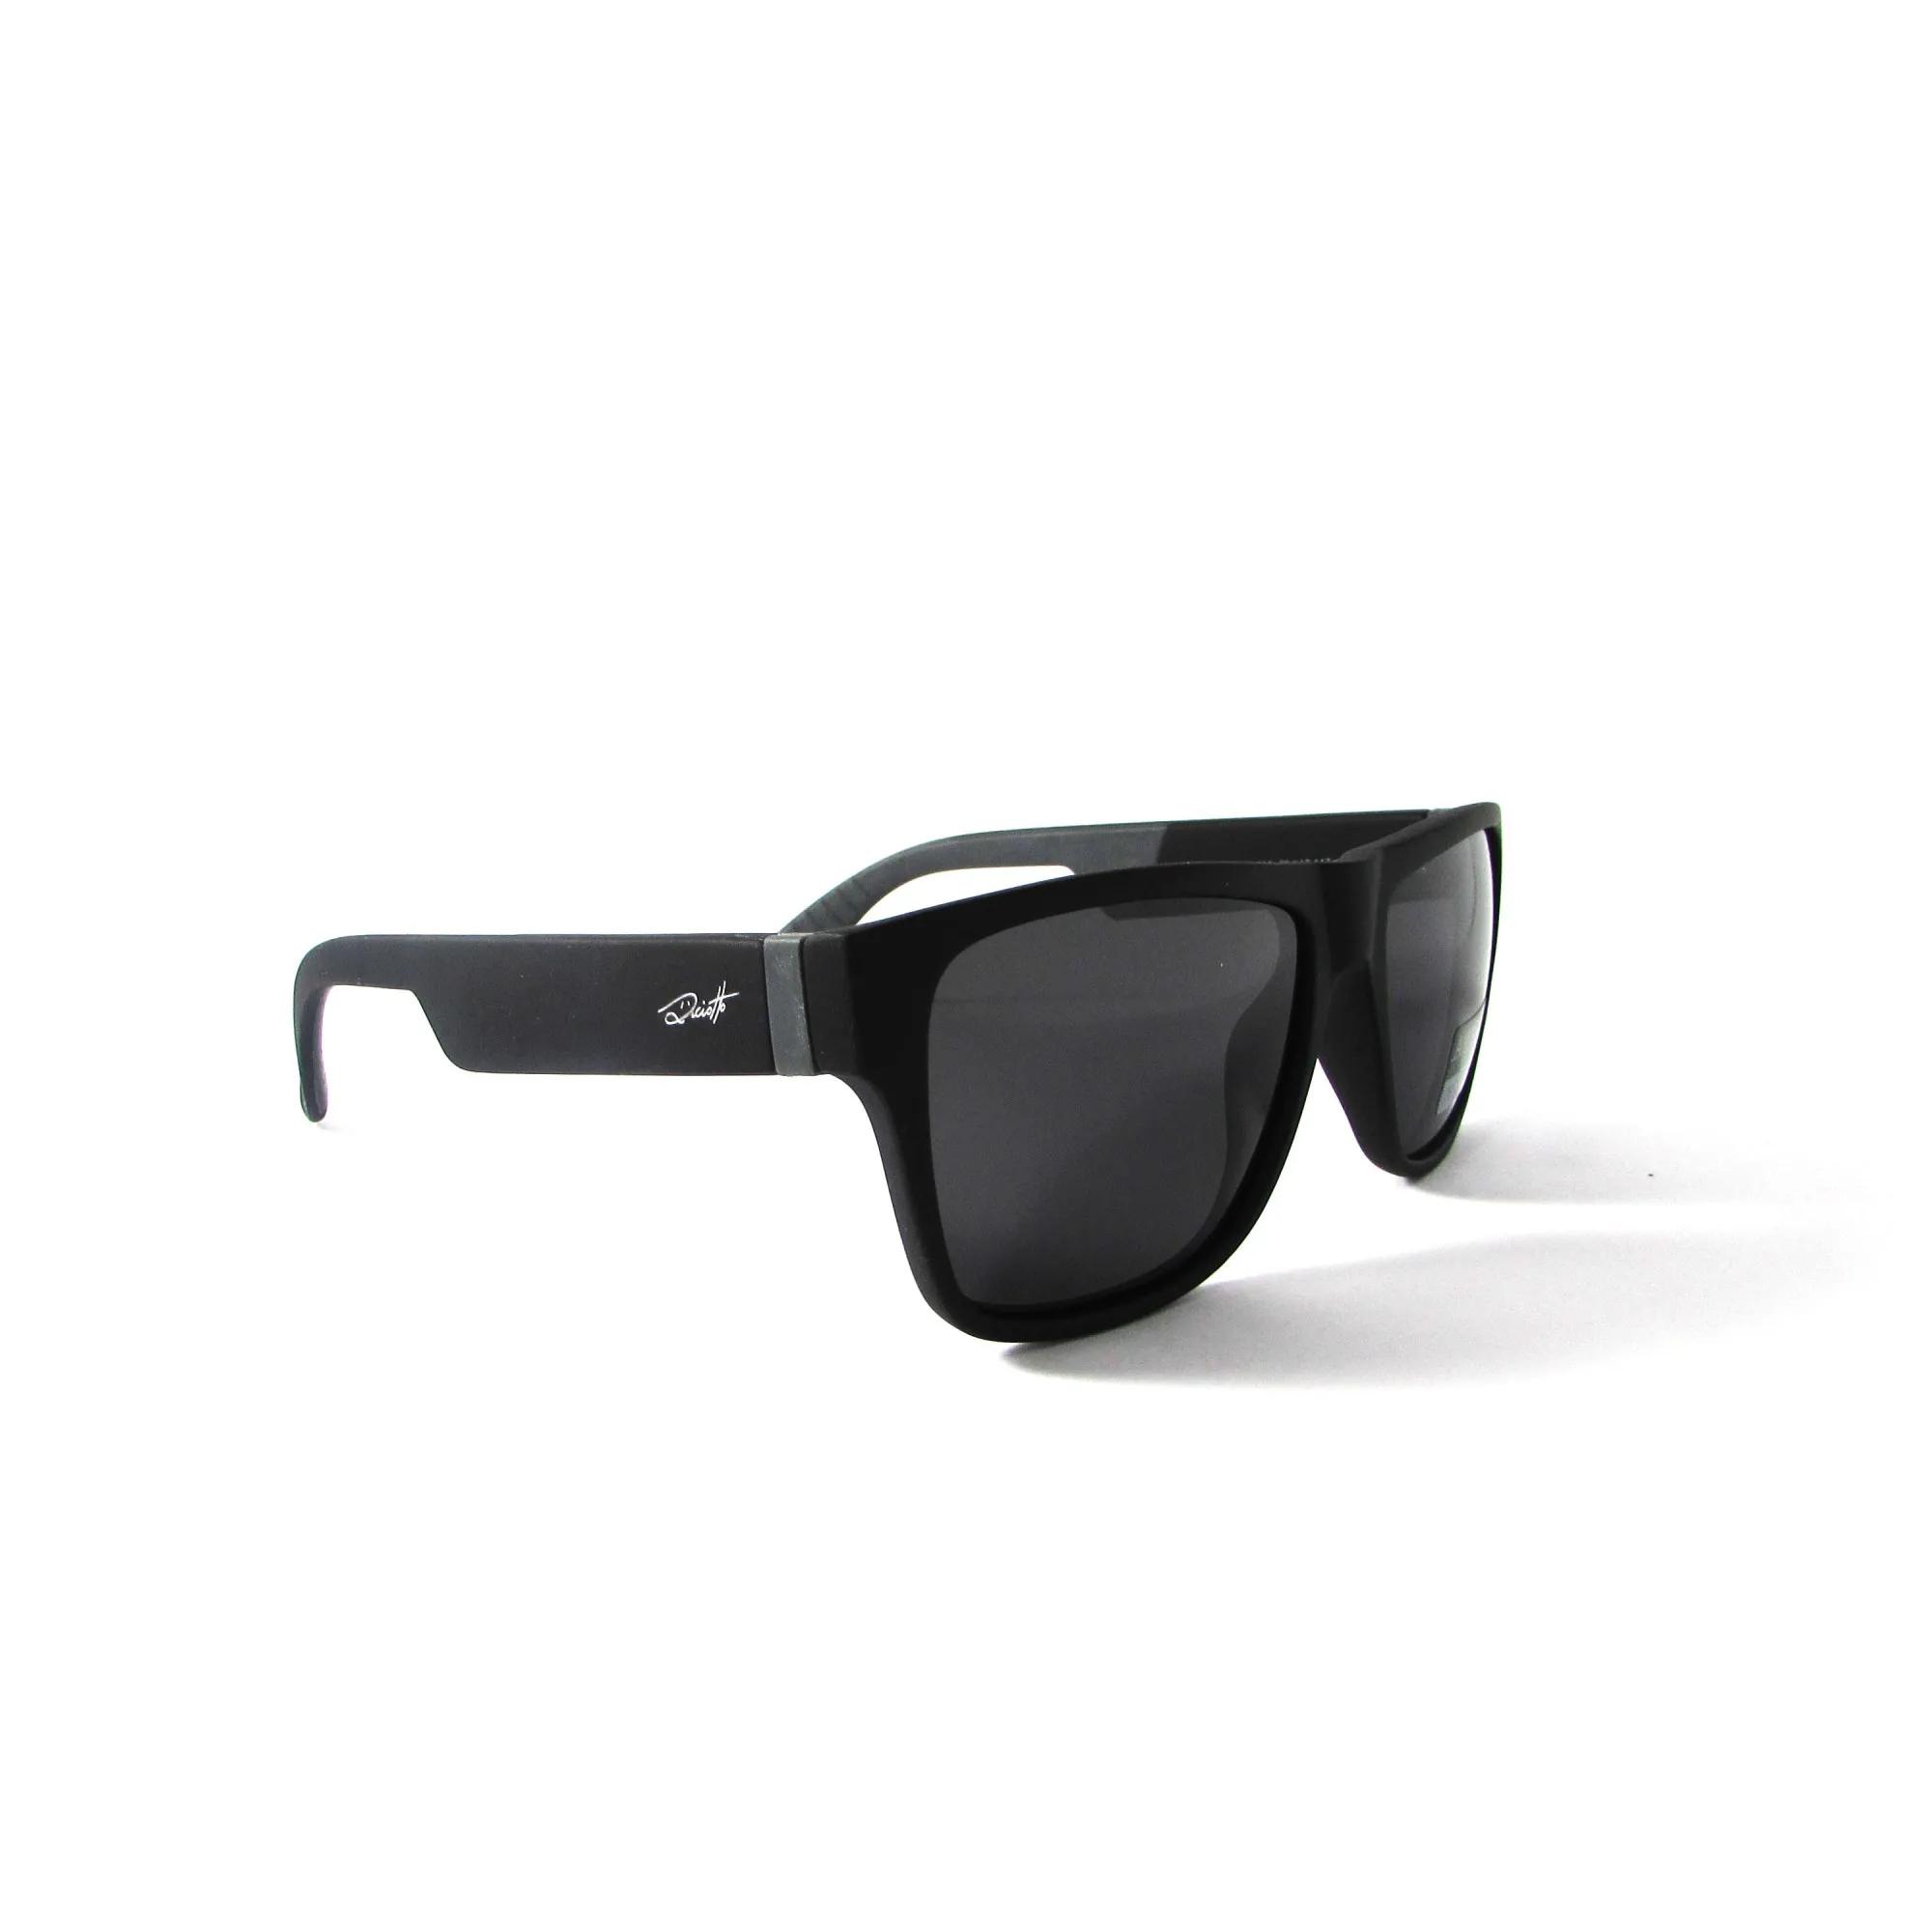 Óculos solar masculino - Preto